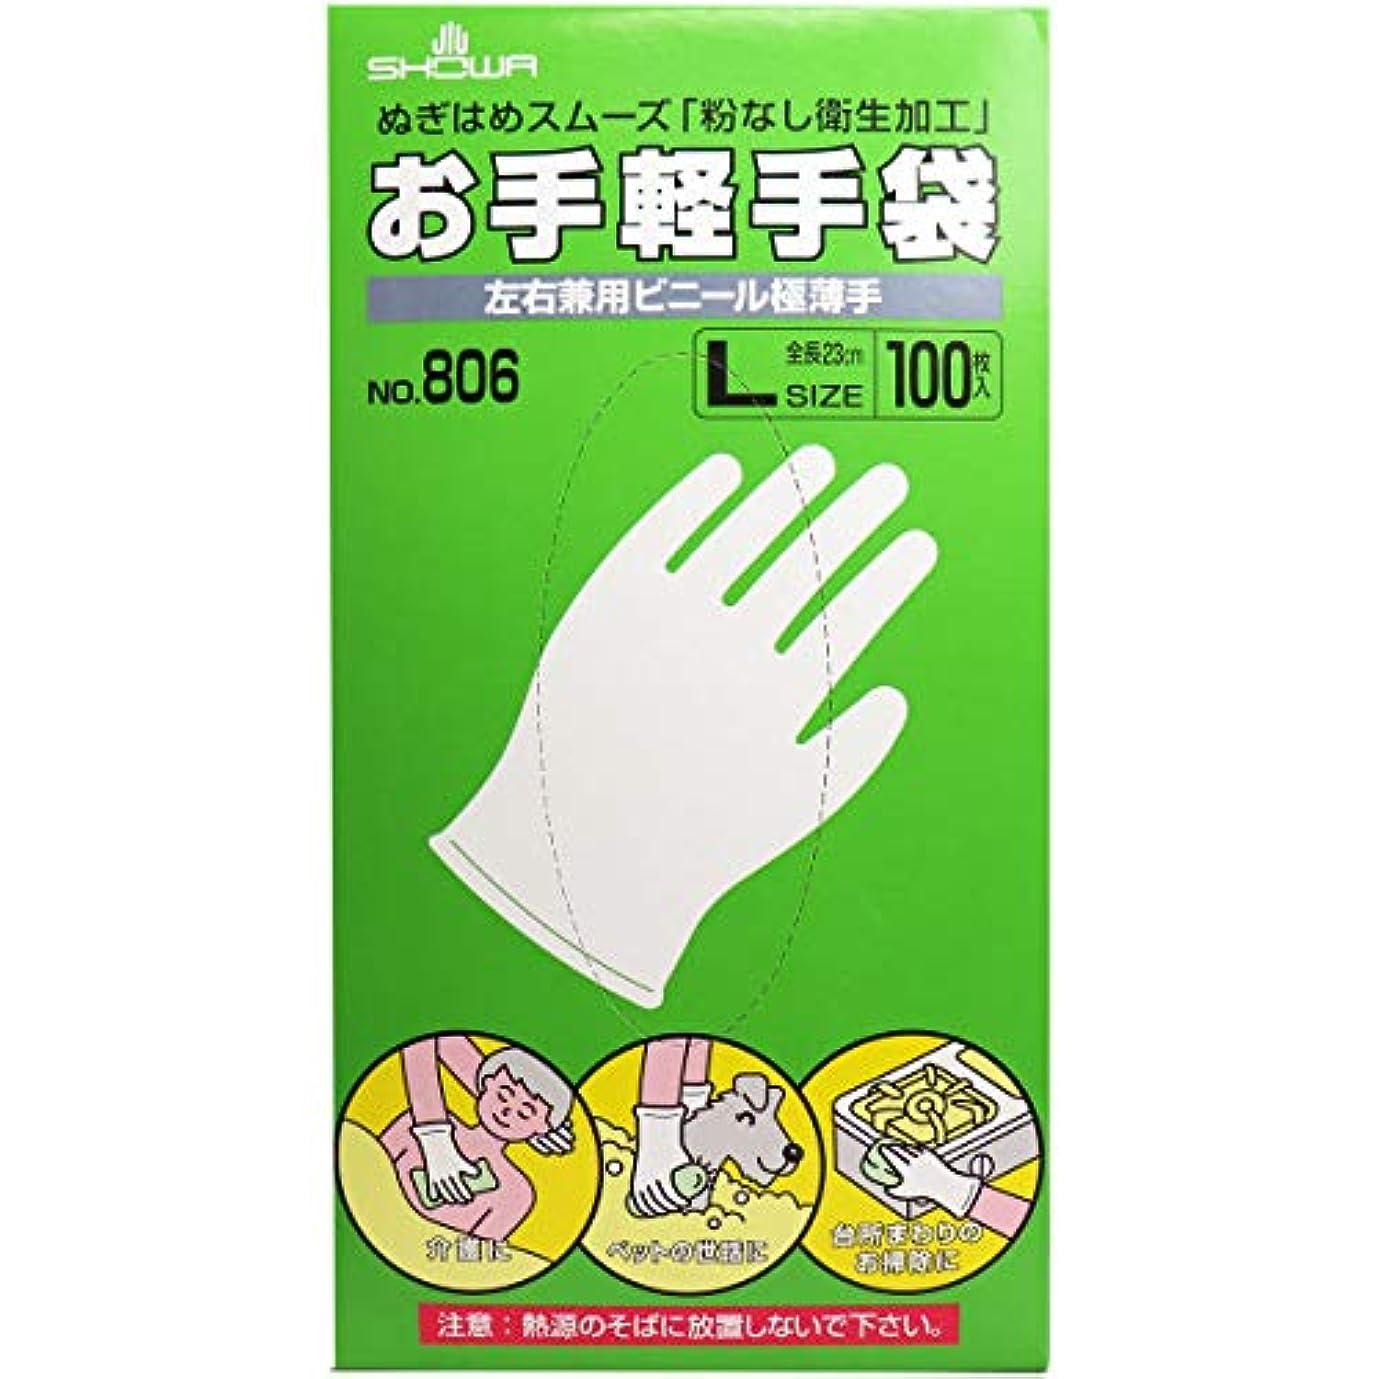 エレベーター地上の精度お手軽手袋 No.806 左右兼用ビニール極薄手 粉なし Lサイズ 100枚入×2個セット